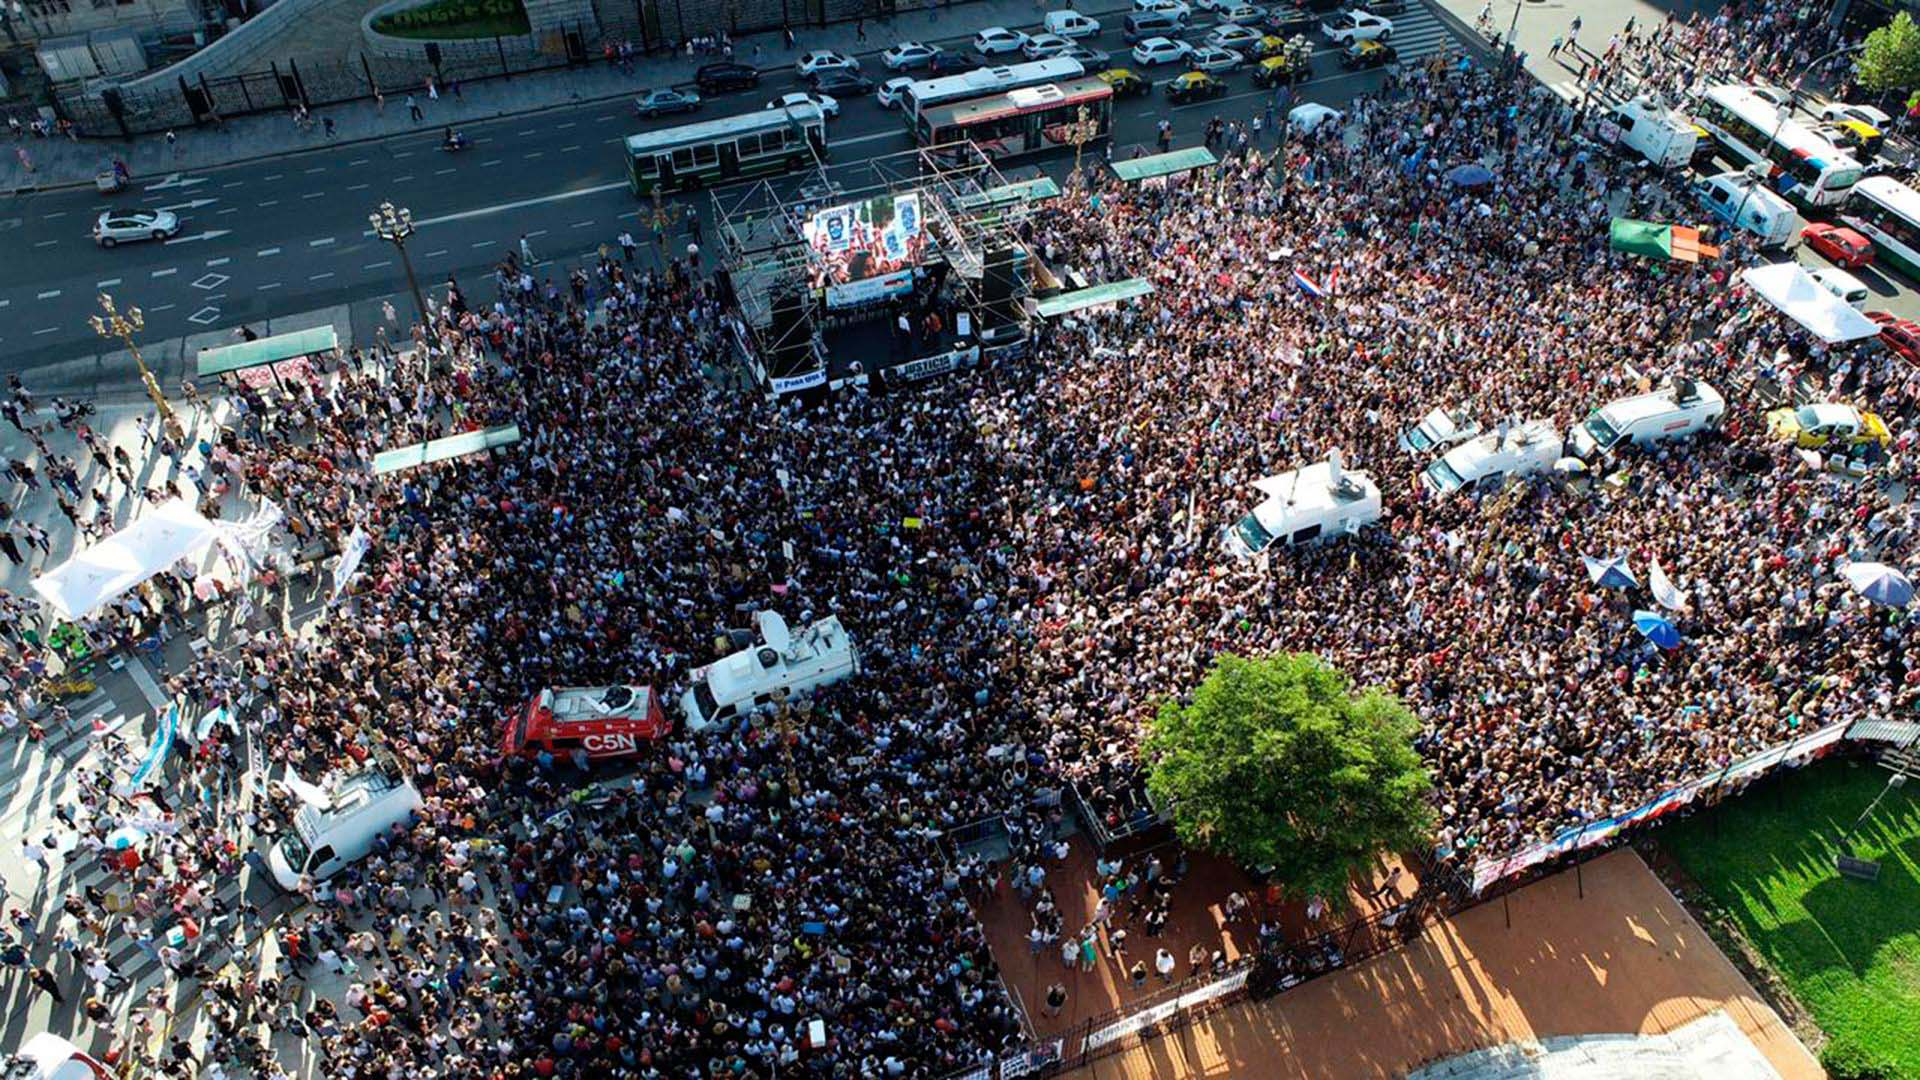 Multitudinaria movilización frente al Congreso para pedir justicia por Fernando Báez Sosa y protestar contra la violencia